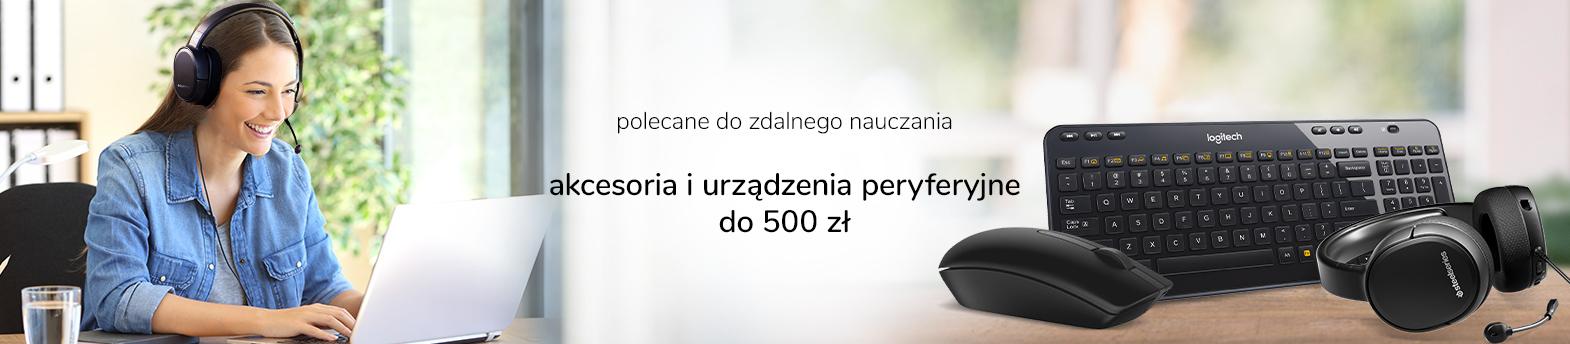 sprzęt do 500 zł